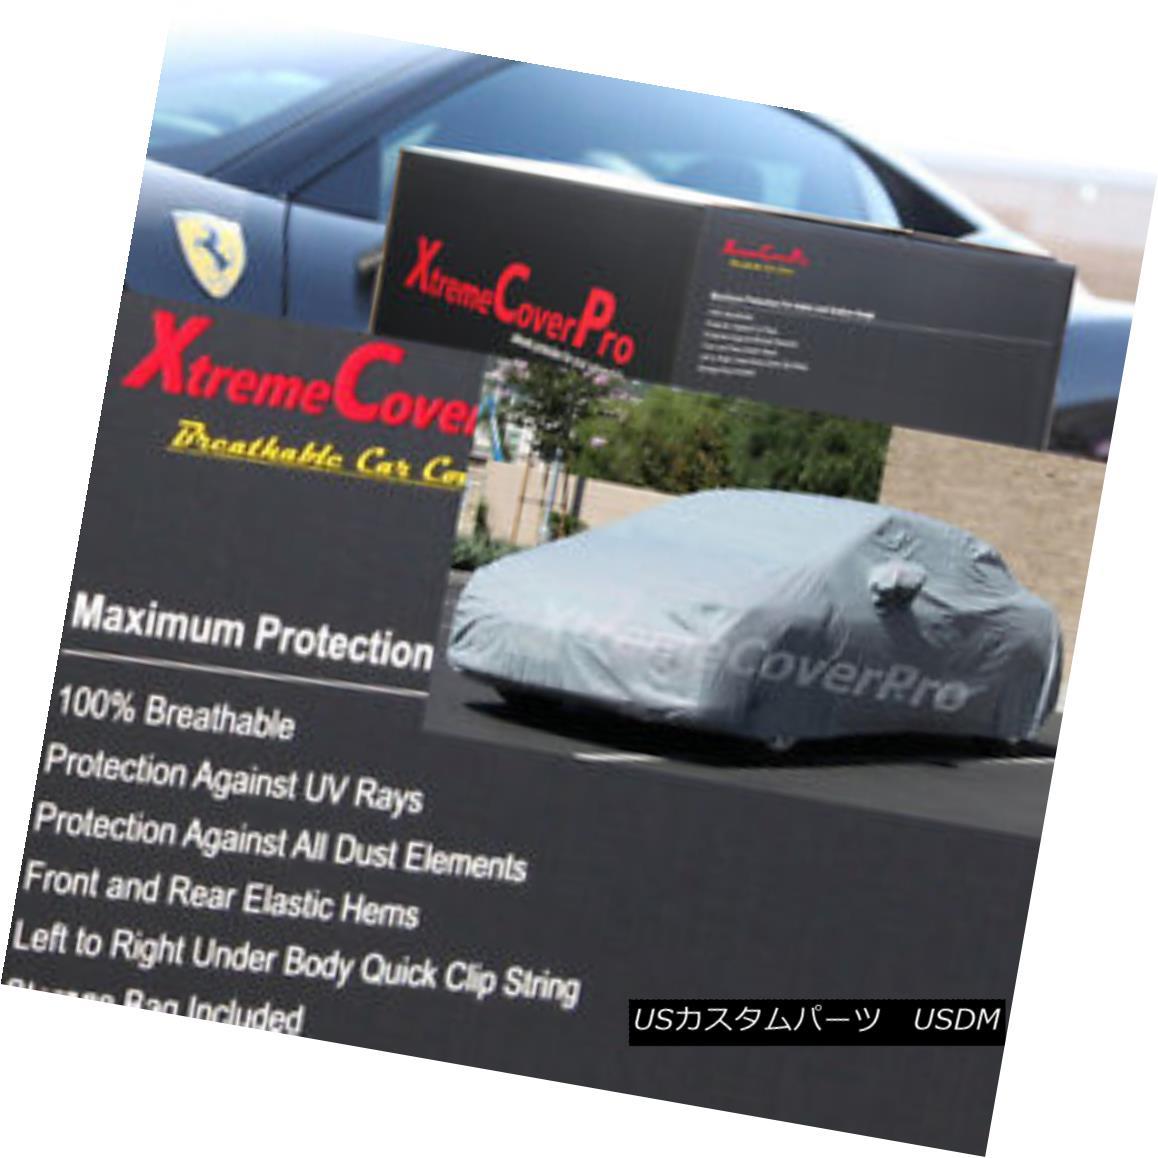 カーカバー 1998 1999 2000 2001 Volkswagen Passat Breathable Car Cover w/MirrorPocket 1998 1999 2000 2001フォルクスワーゲンパサート通気性車カバー付きMirrorPocket